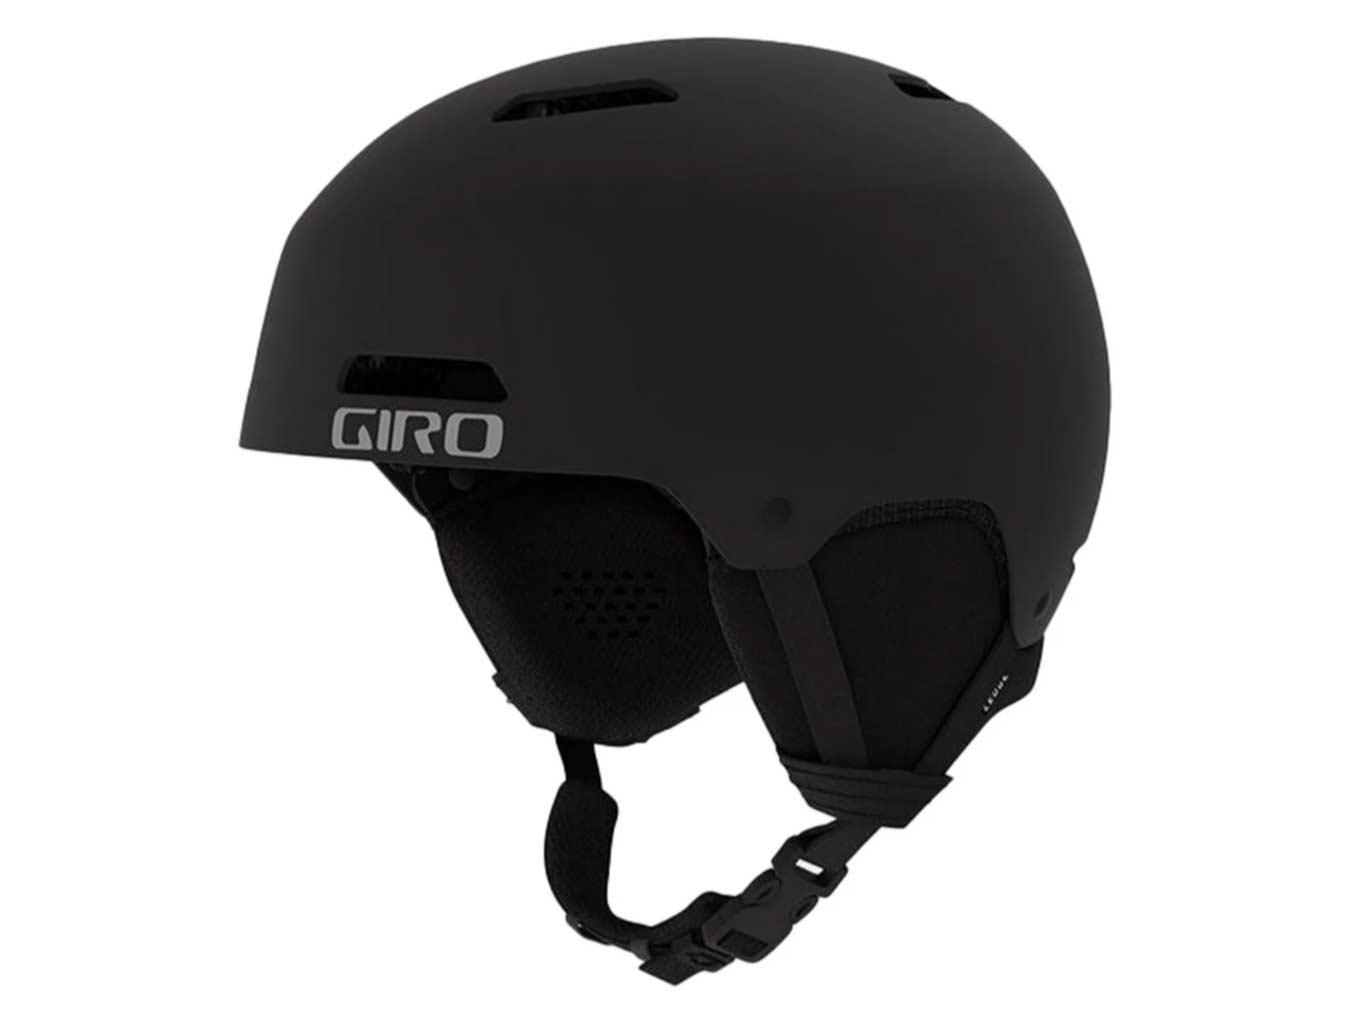 11 Geschenkideen für Skifahrer:Giro Ledge Helm